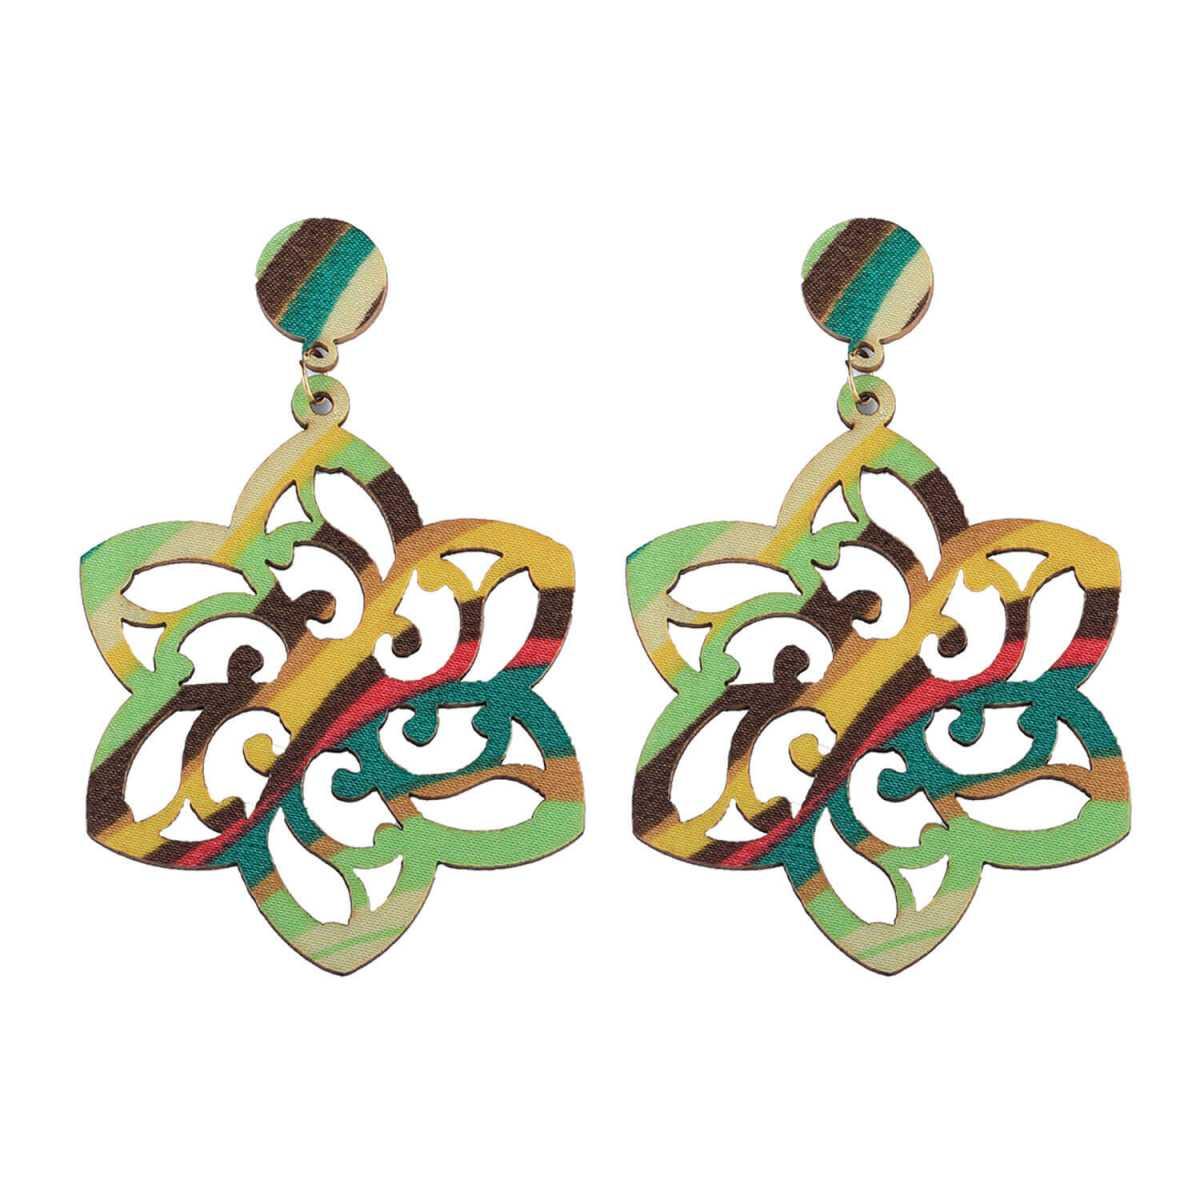 SILVER SHINE Party Wear Dangler Wooden Earrings For Girls and Women …